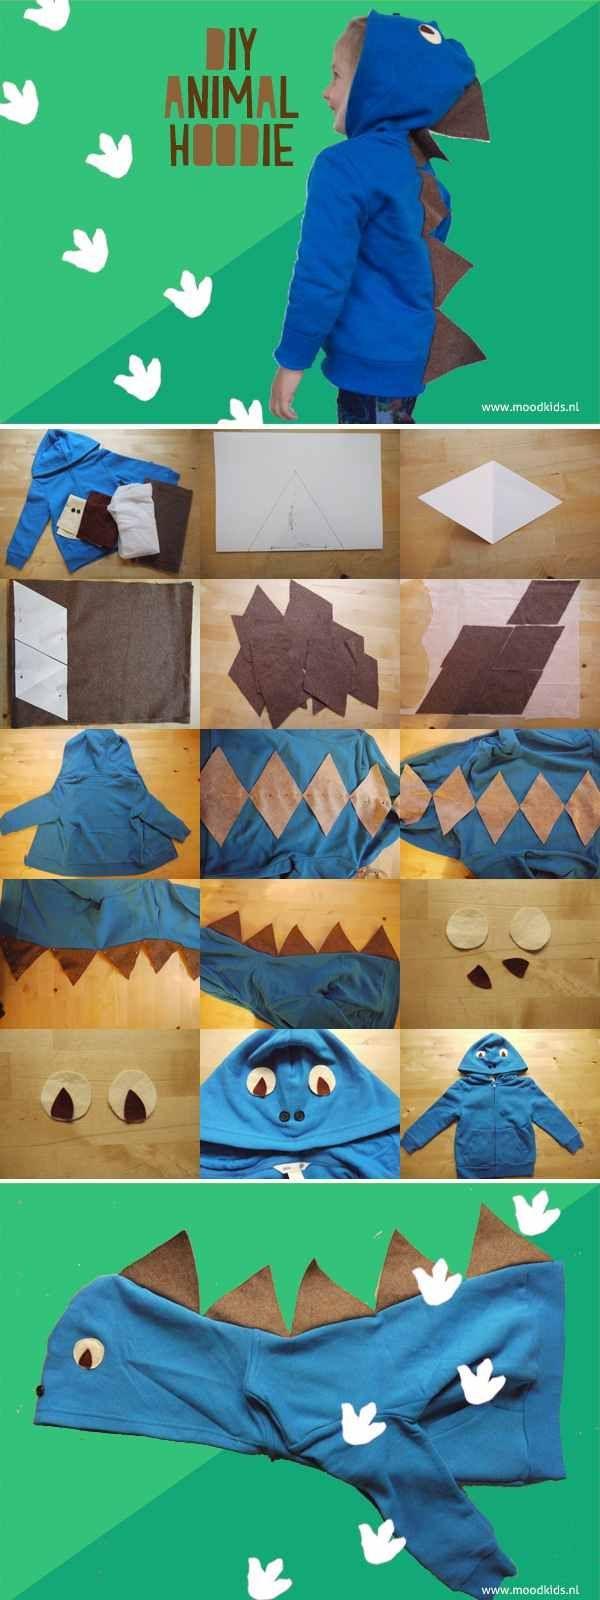 Maak zelf deze stoere draken hoodie met de stap voor stap beschrijving op de blog.